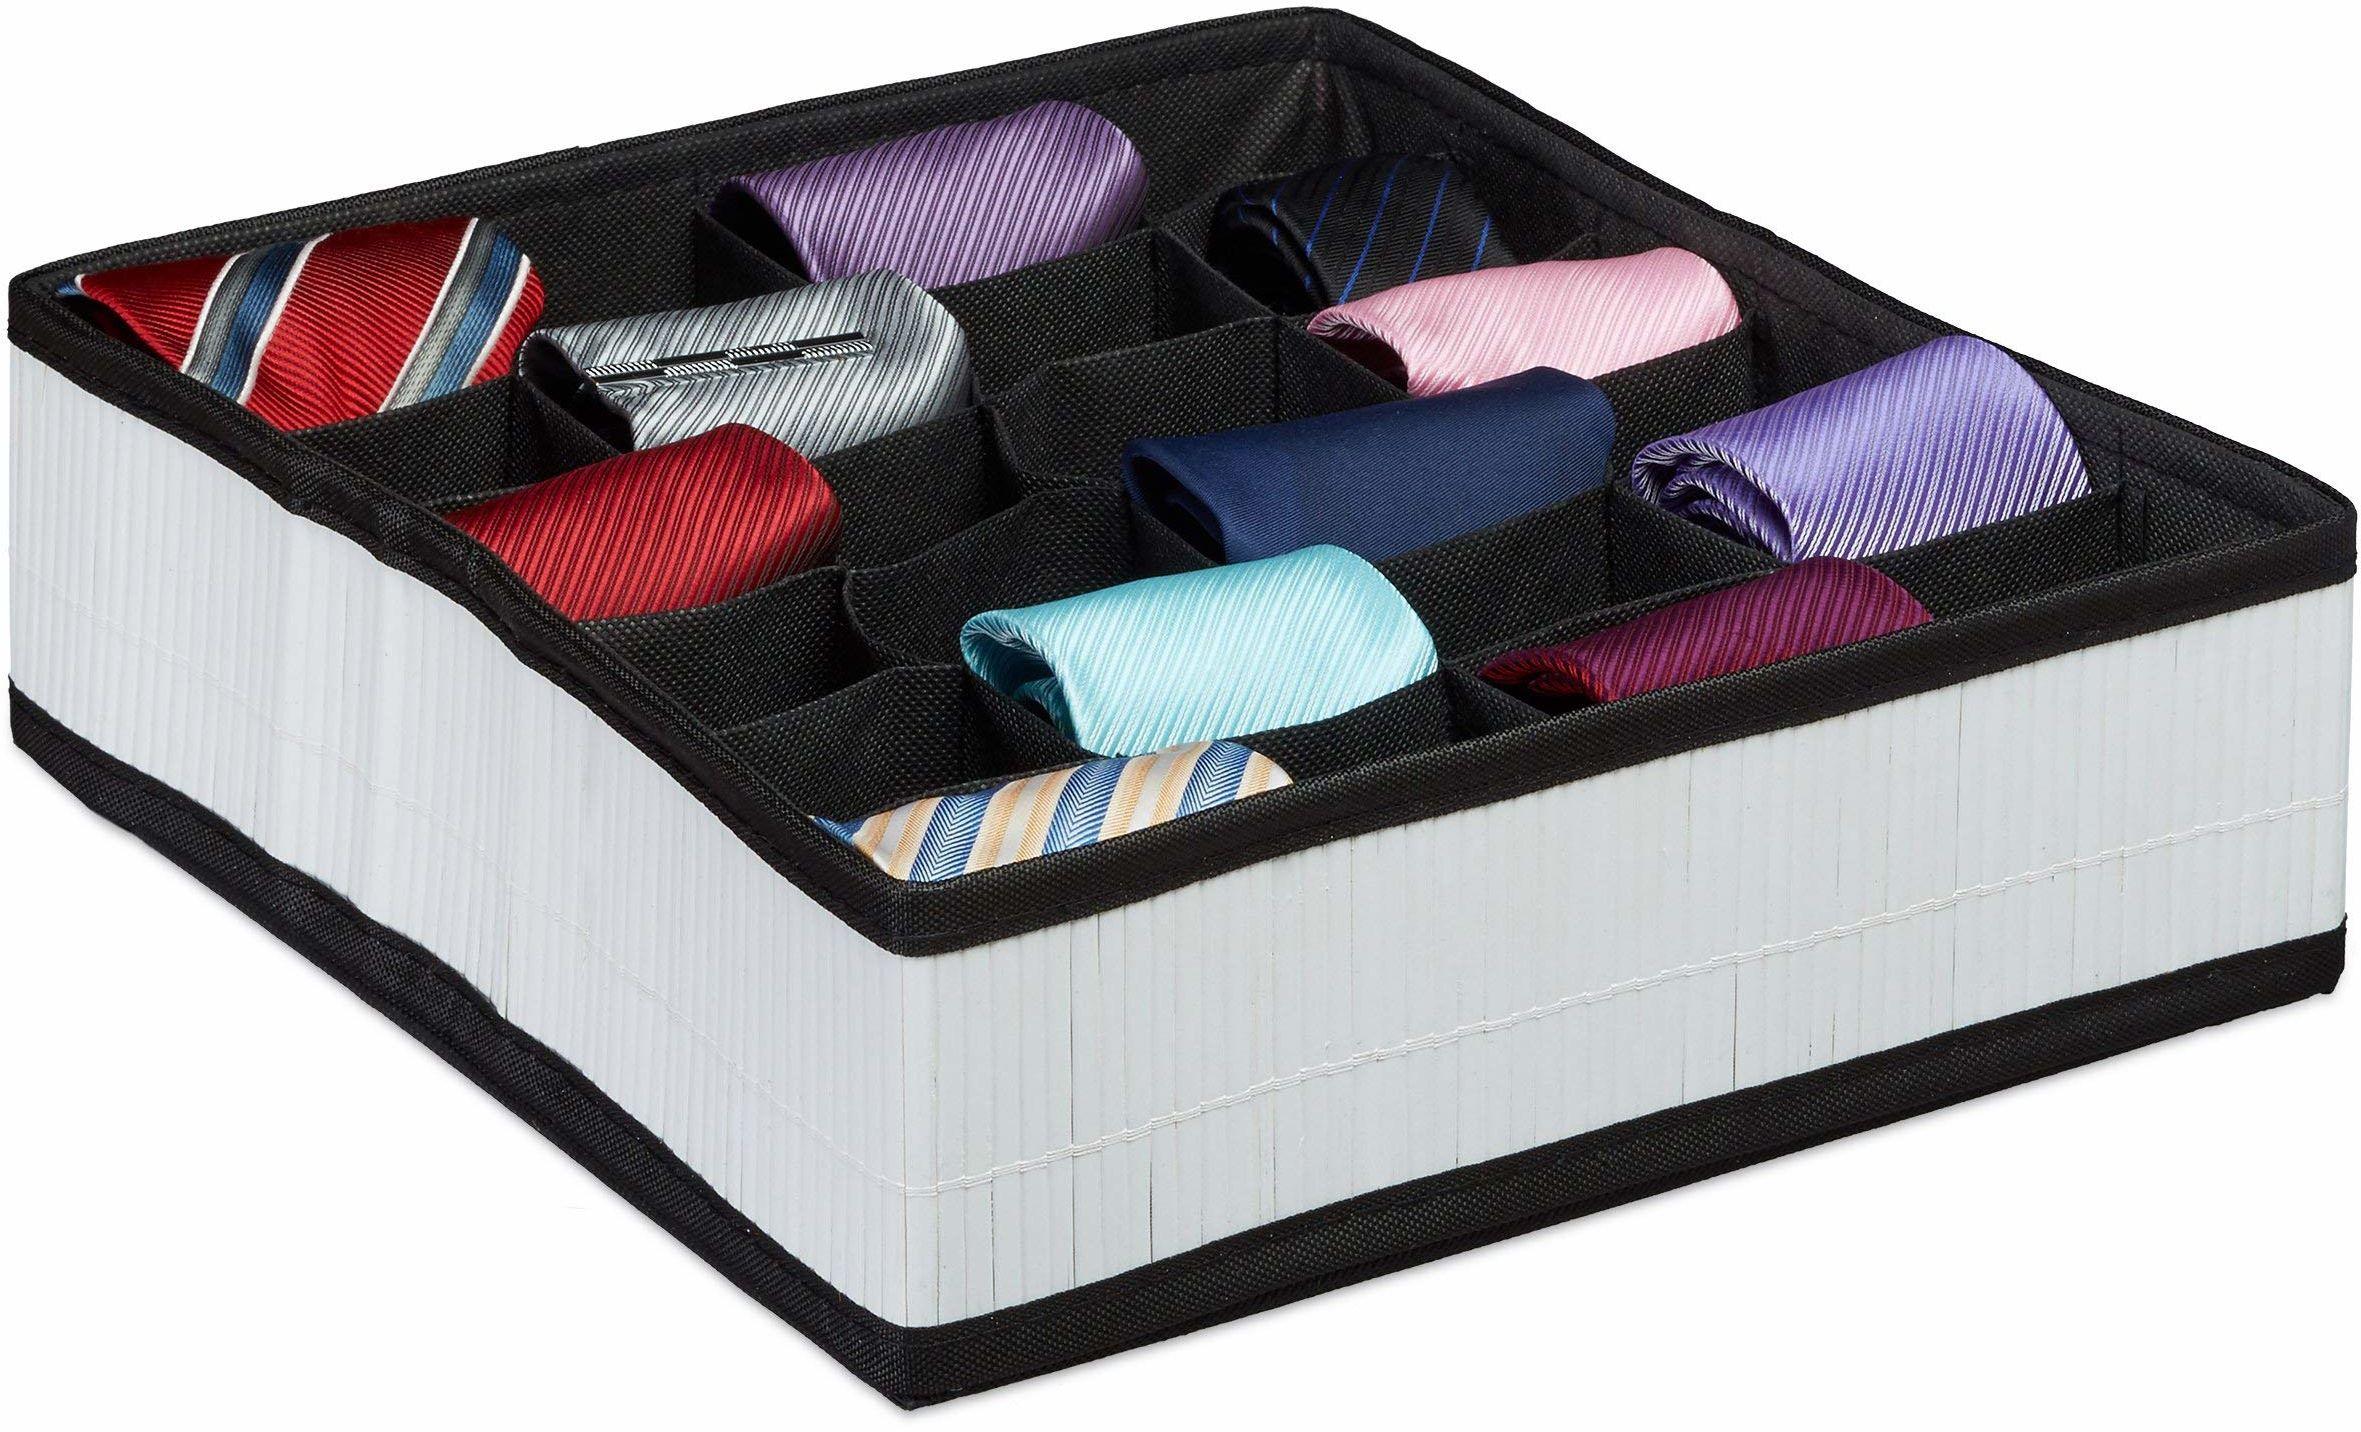 Relaxdays pudełko na krawat, wygląd bambusa, składane, do skarpetek, bielizny, 24 przegródki, organizer do szuflad, biały, 31 x 34 x 10 cm